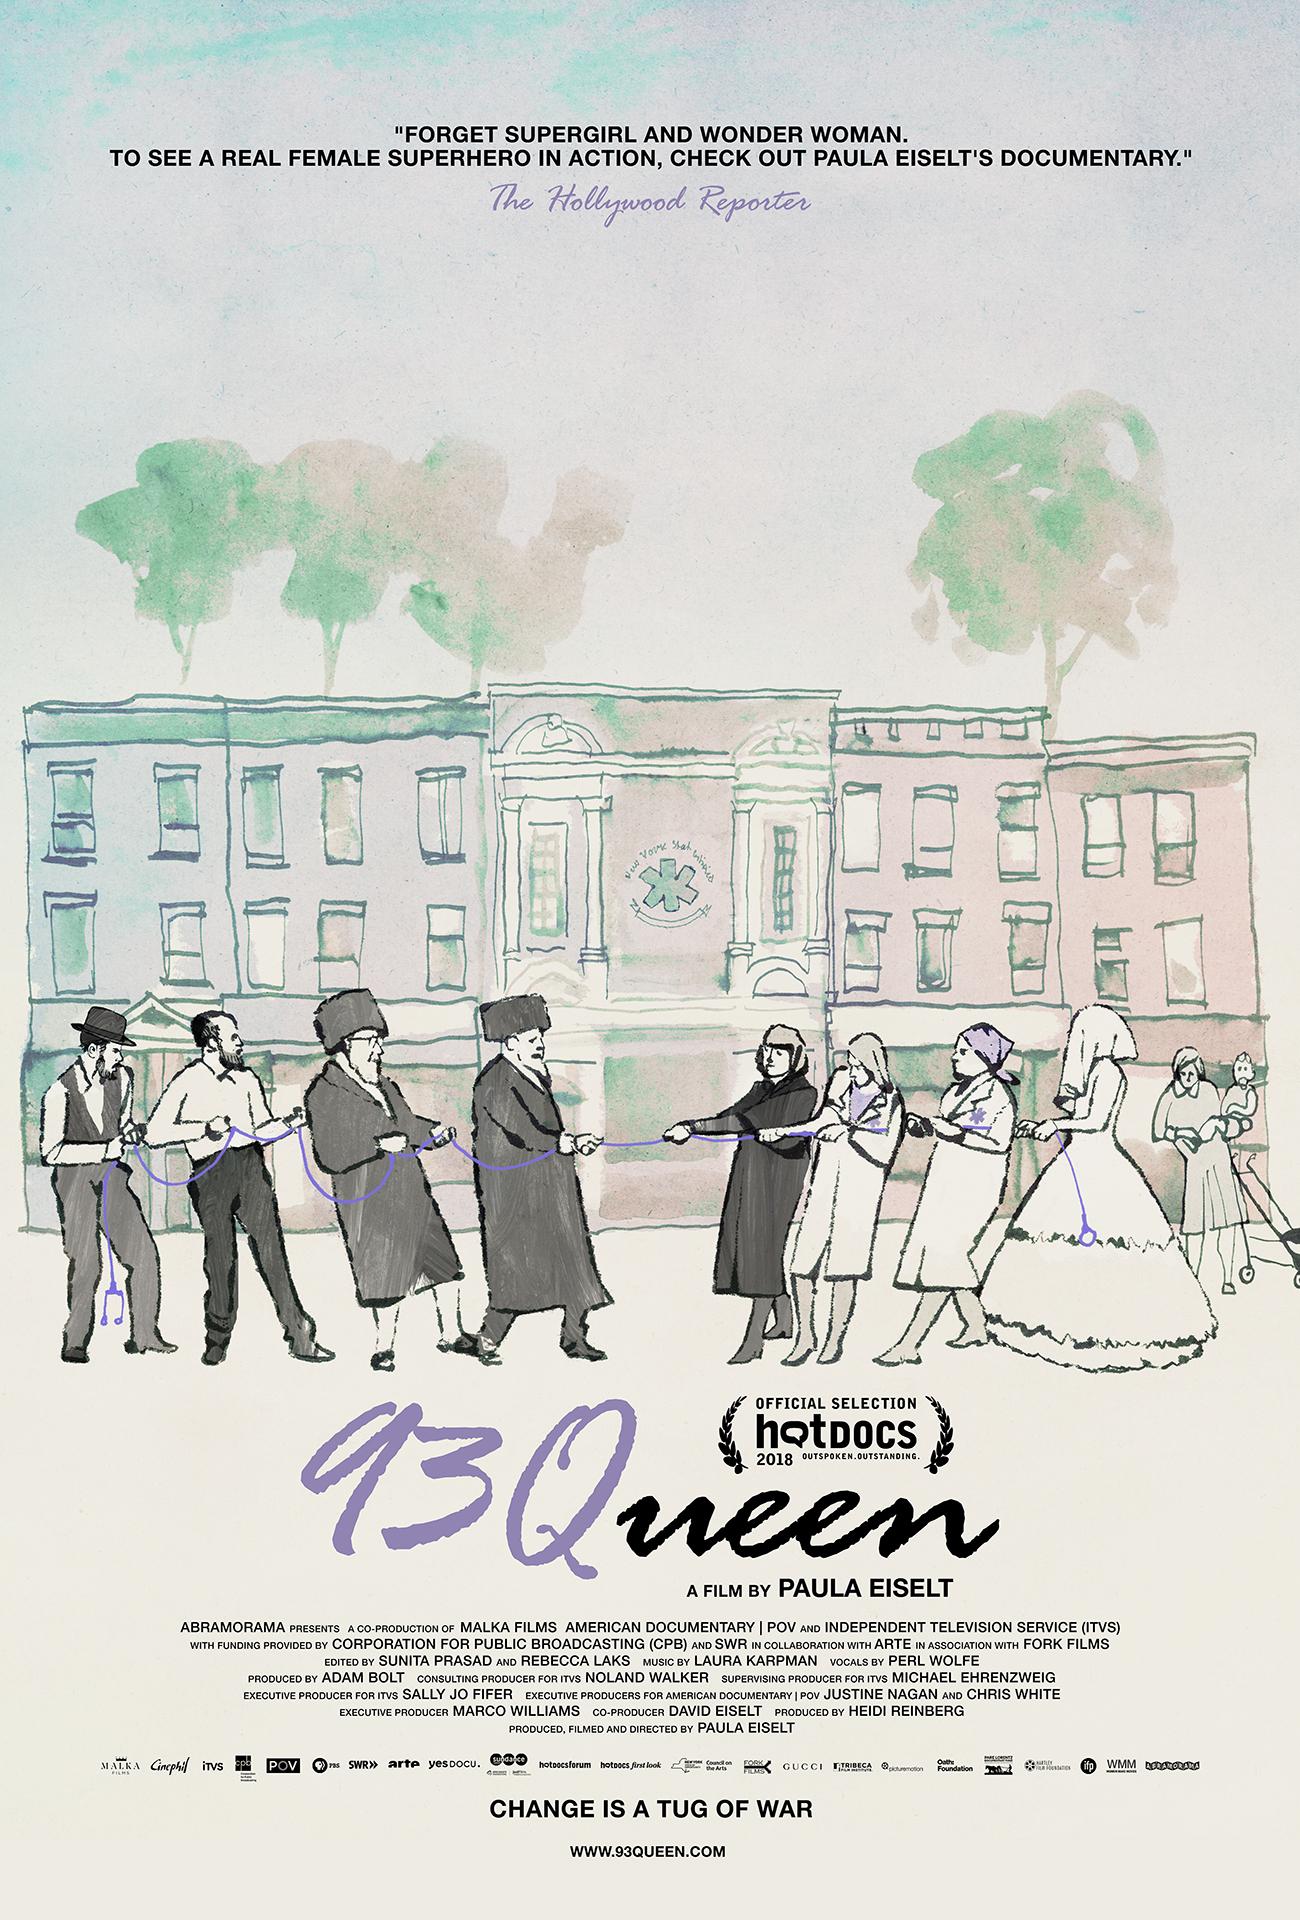 93Queen poster